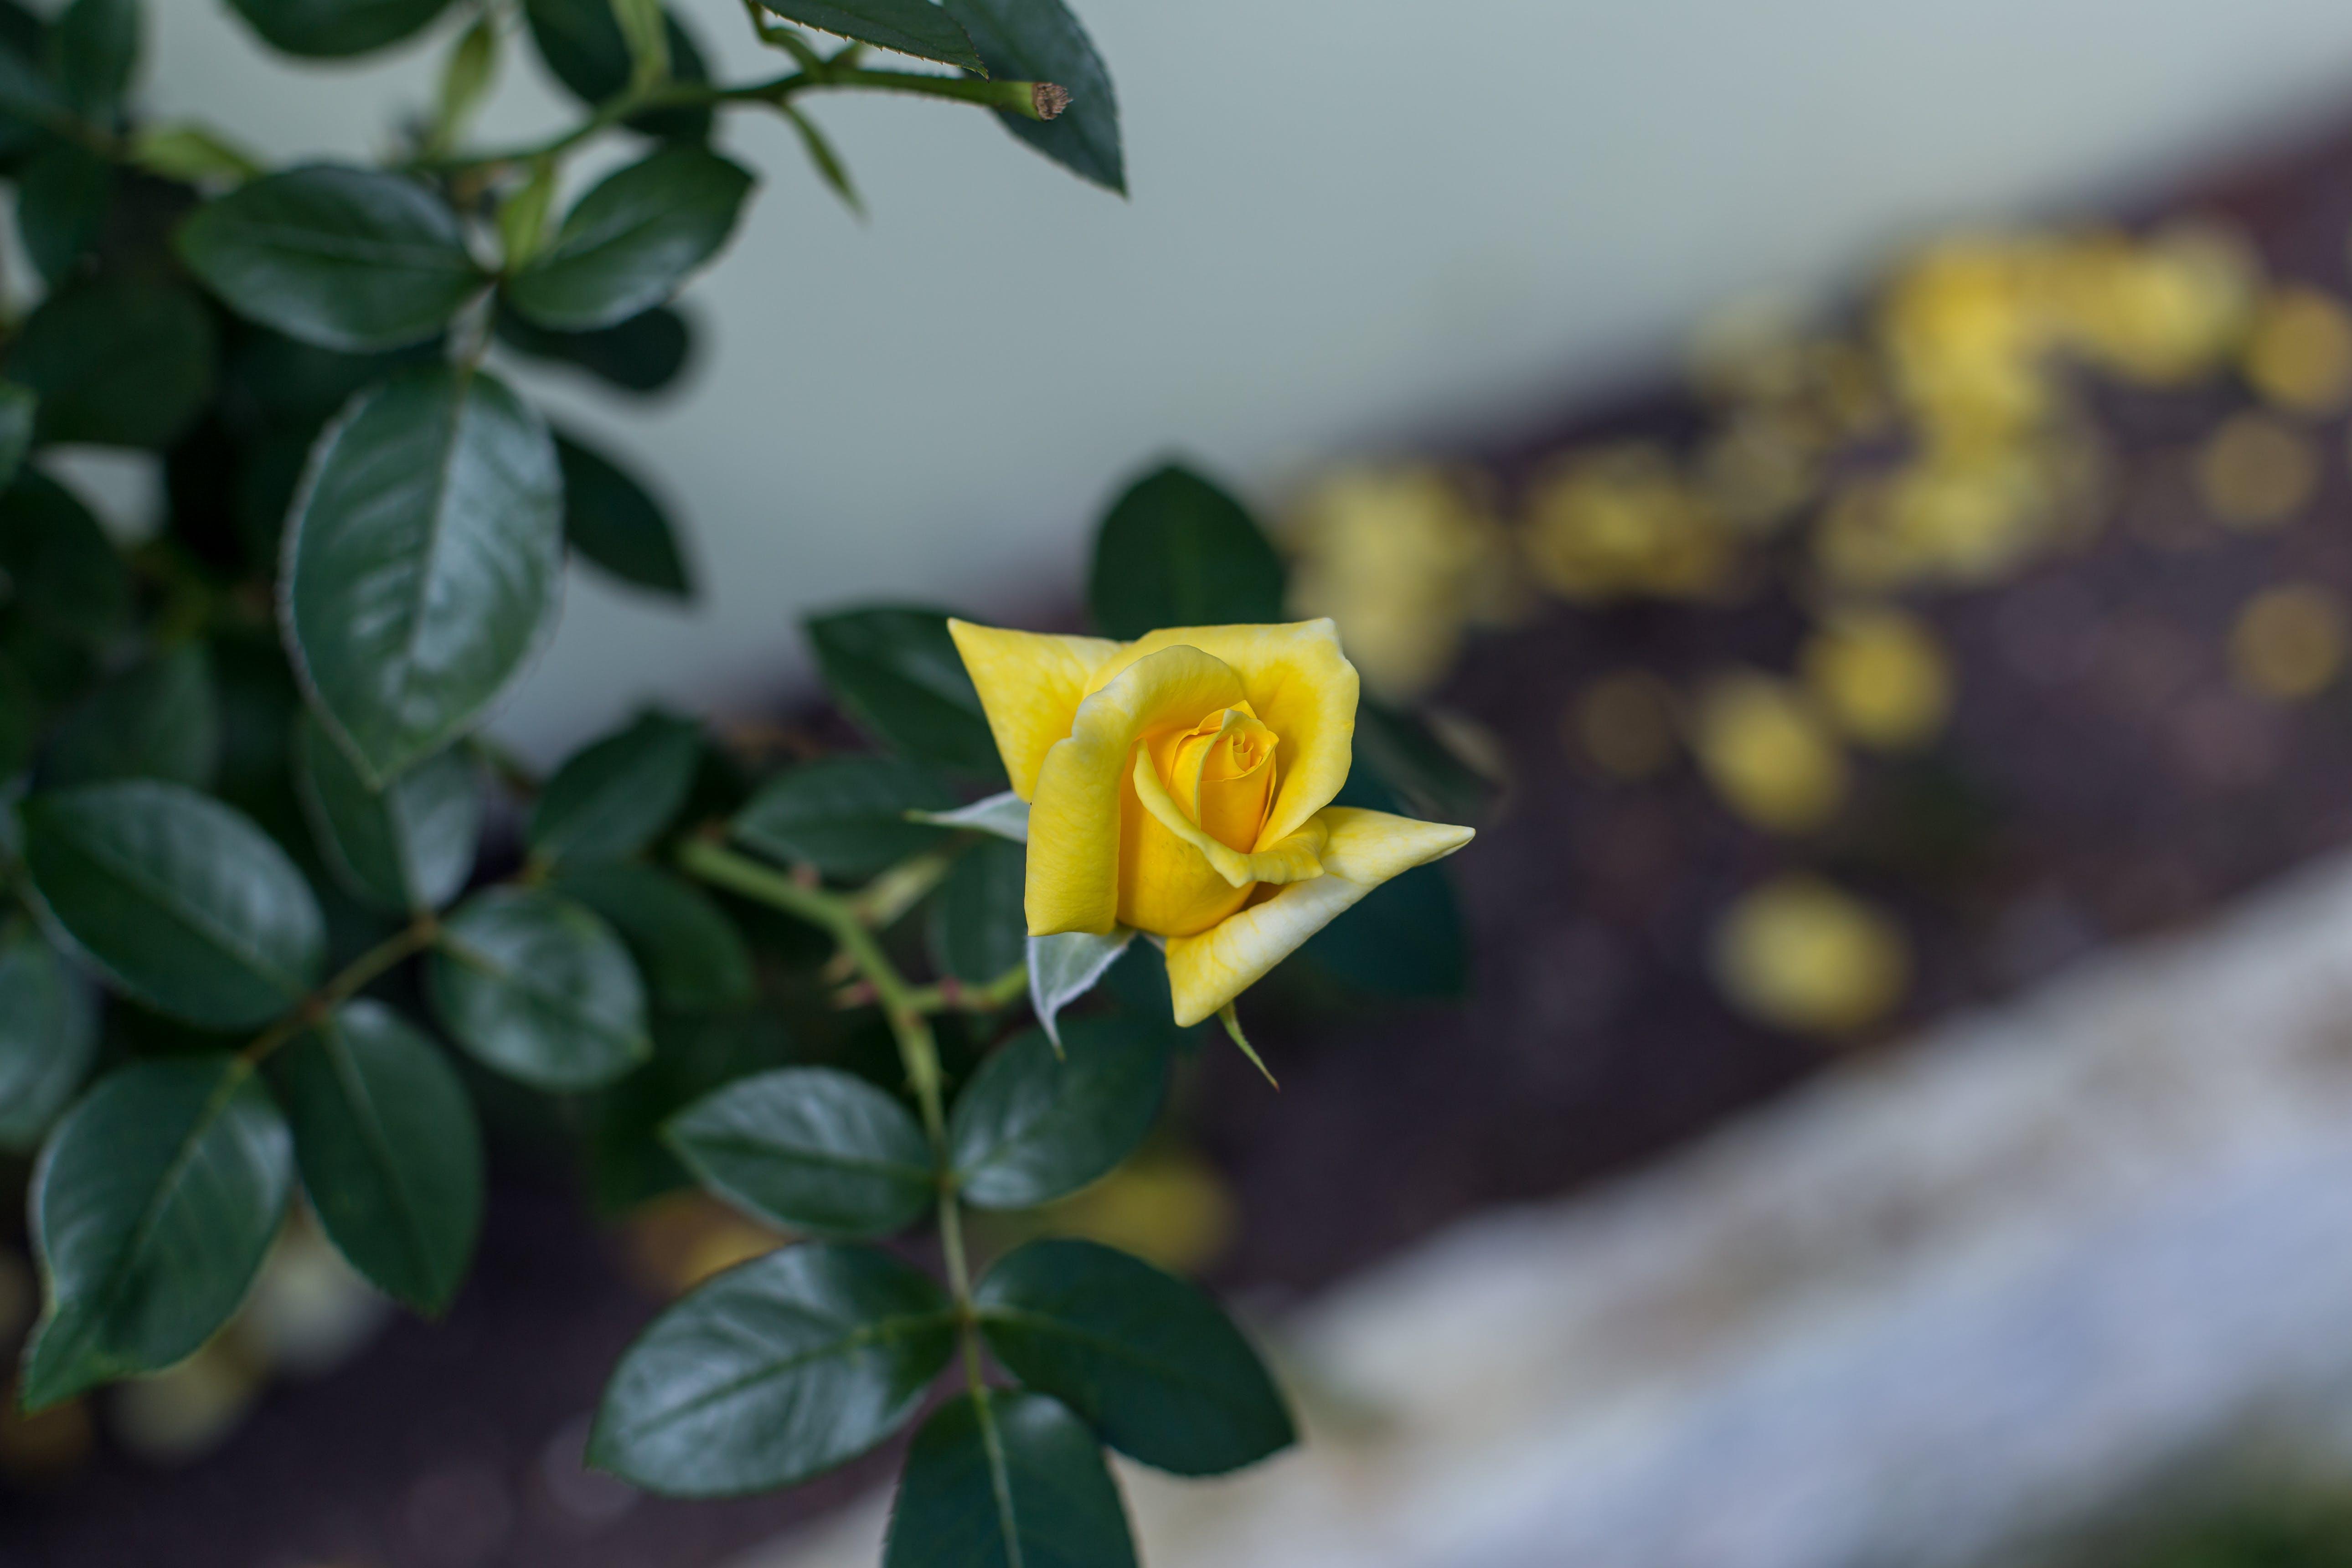 天性, 玫瑰, 花, 黃花 的 免費圖庫相片